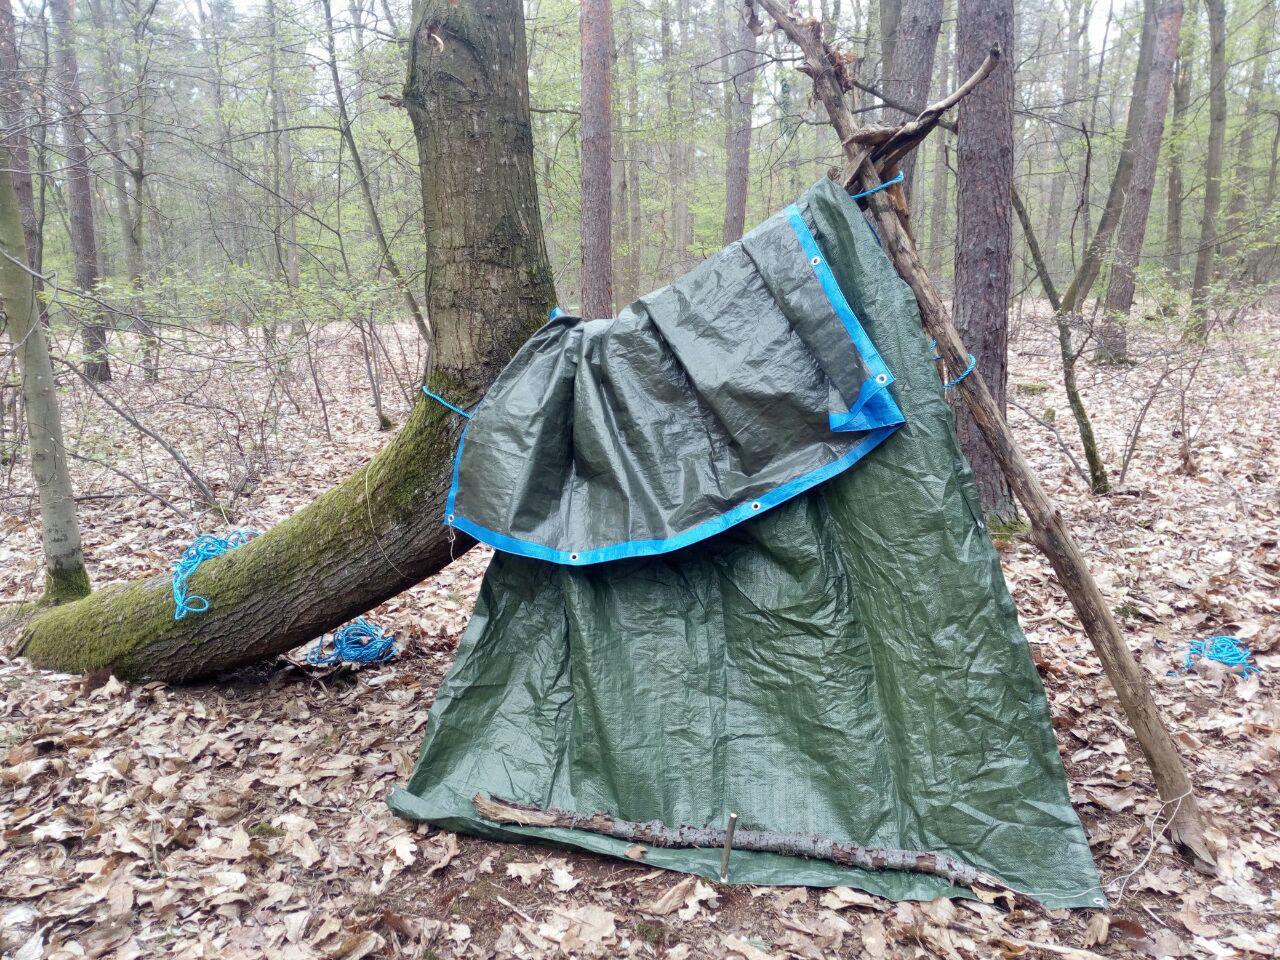 Gut entdeckt: Der gekrümmte Stamm als Unterkunft für die beiden jüngsten Waldläufer.